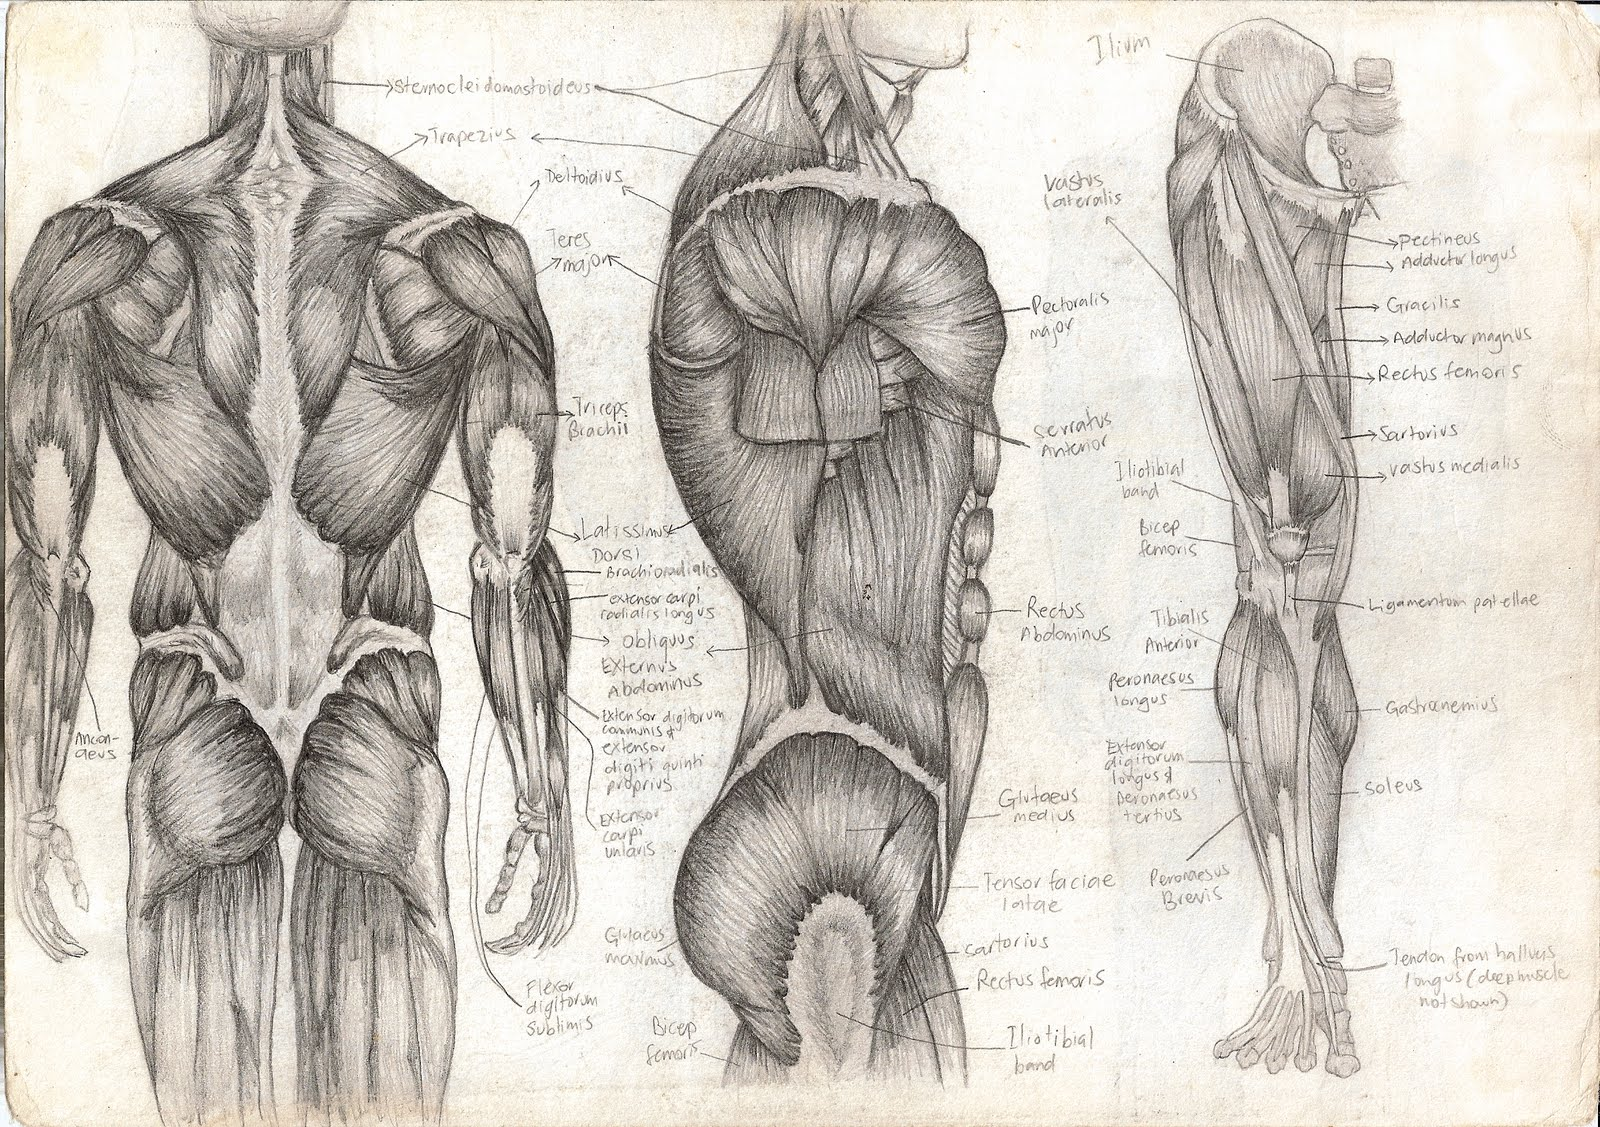 http://4.bp.blogspot.com/_iEKwH1xBoGE/TGNiSW1B2qI/AAAAAAAAAD0/85HJBnckrp0/s1600/Anatomy_4.jpg